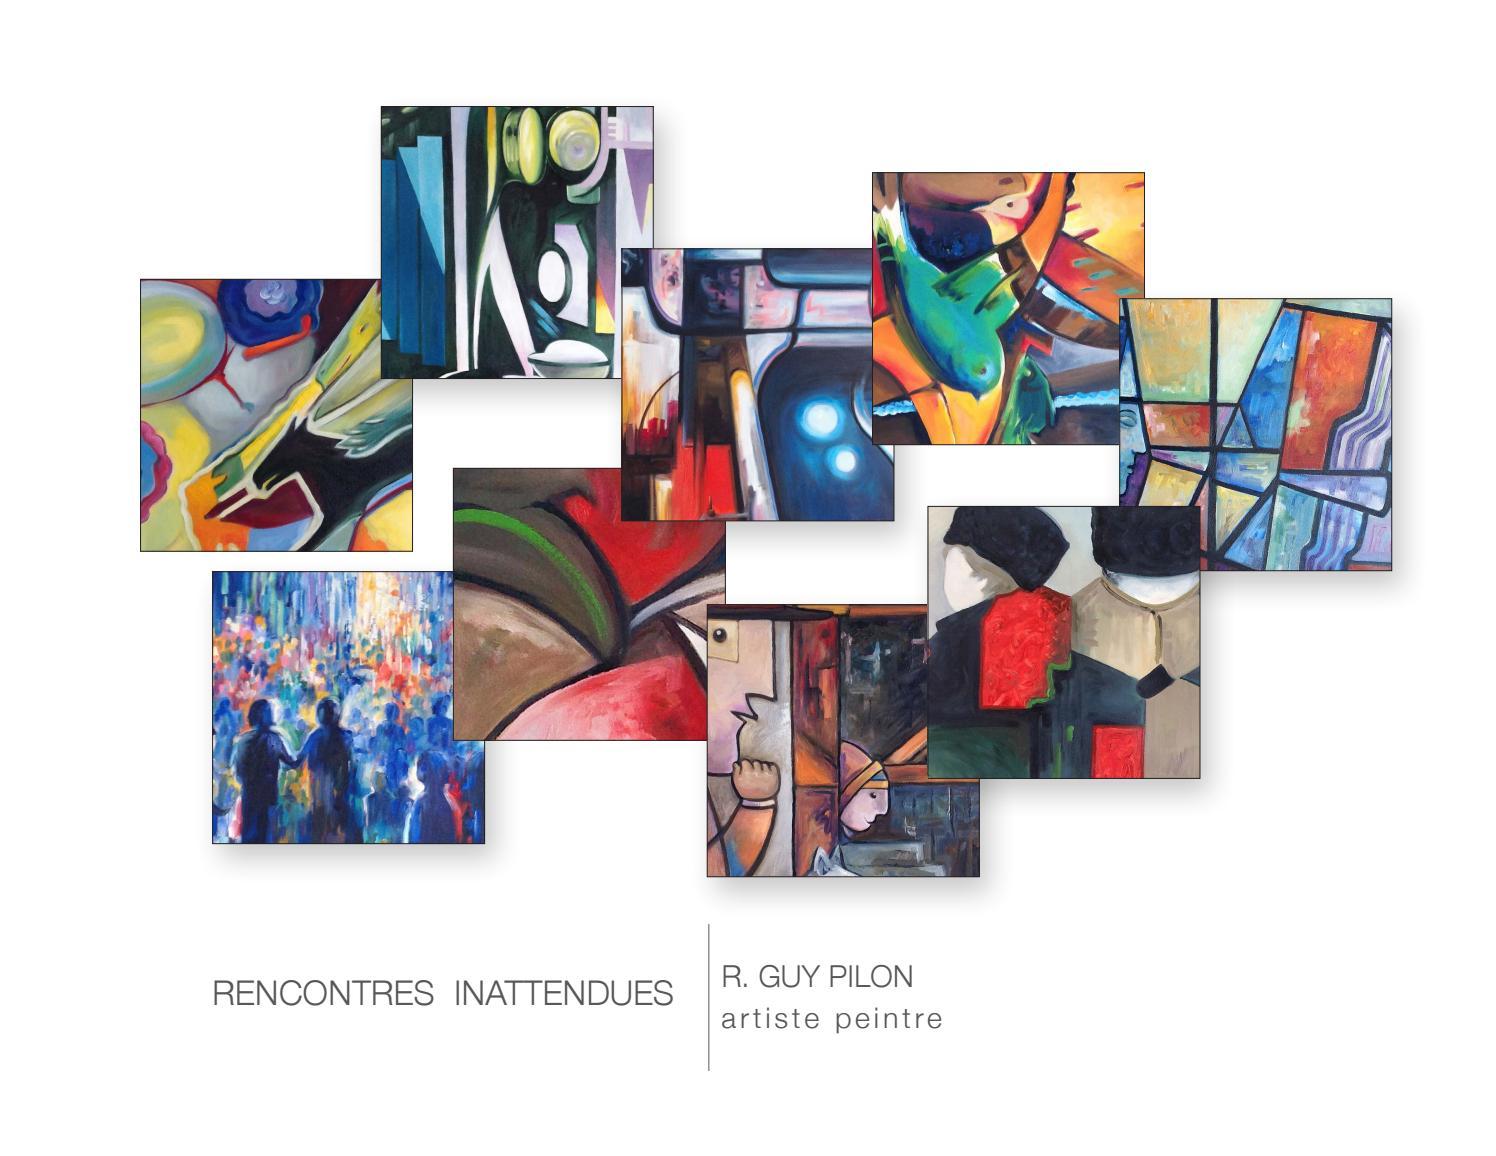 rencontres artistes peintres